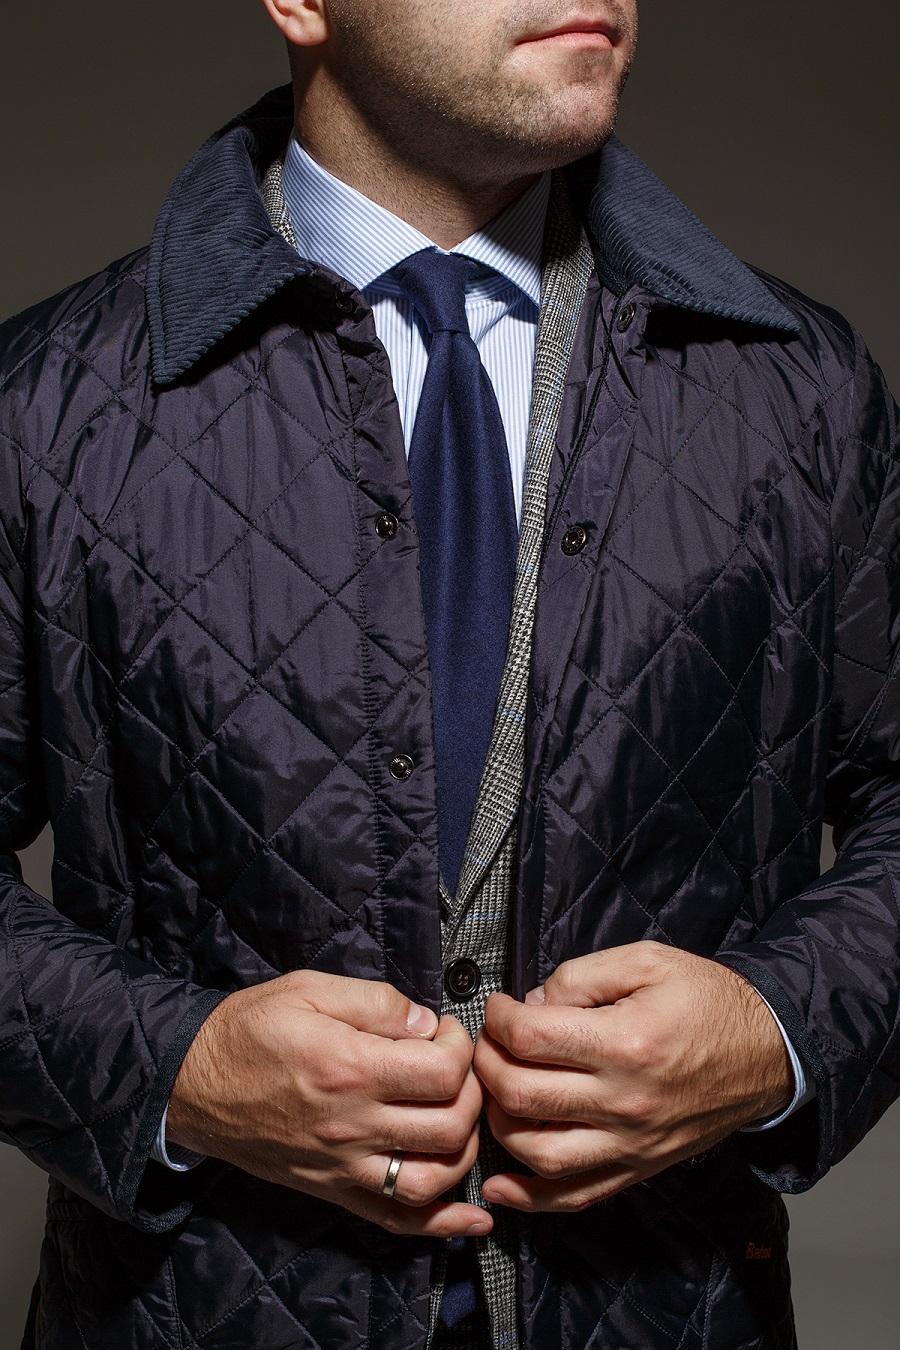 af09a1a576640 Kurtka pikowana na trzy sposoby   Mr Vintage - rzeczowo o modzie męskiej -  Porady i Blog